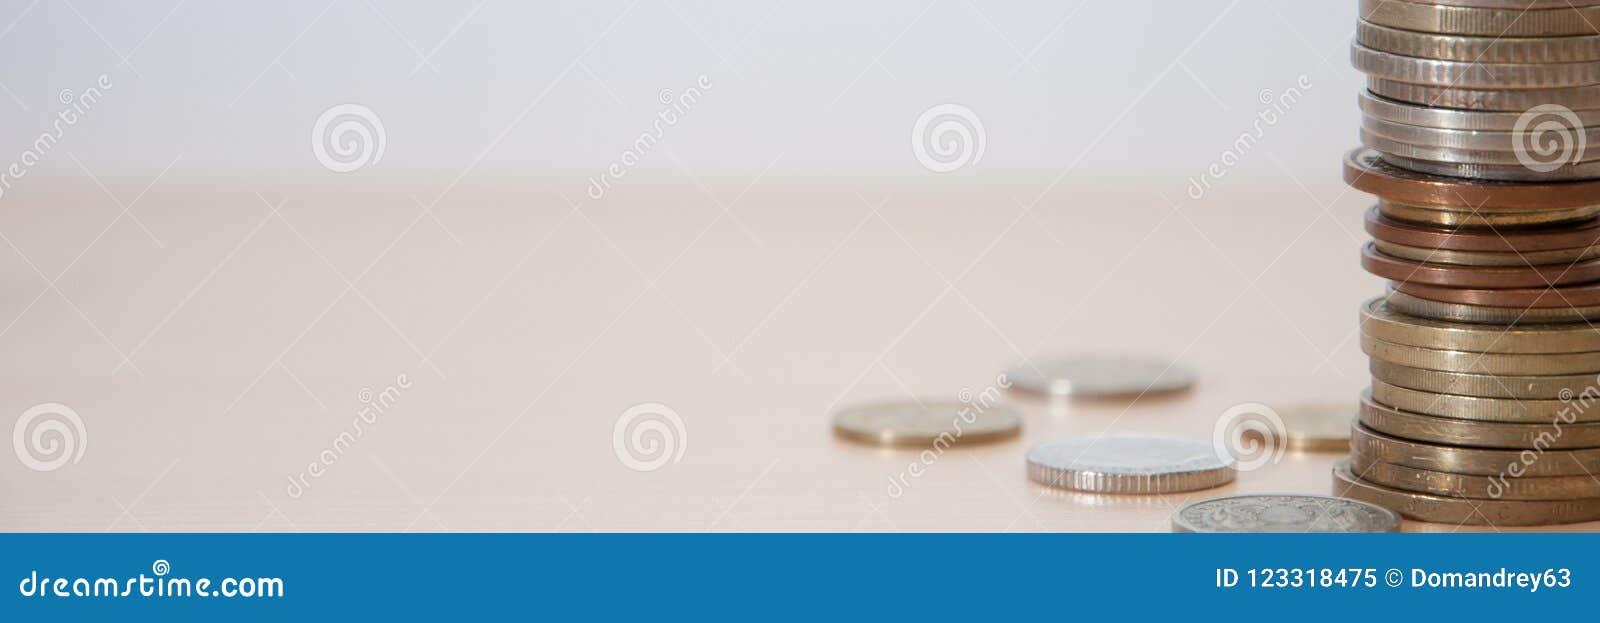 Münzen von verschiedenen Ländern und verschiedene Vorteile und Farben auf dem Tisch